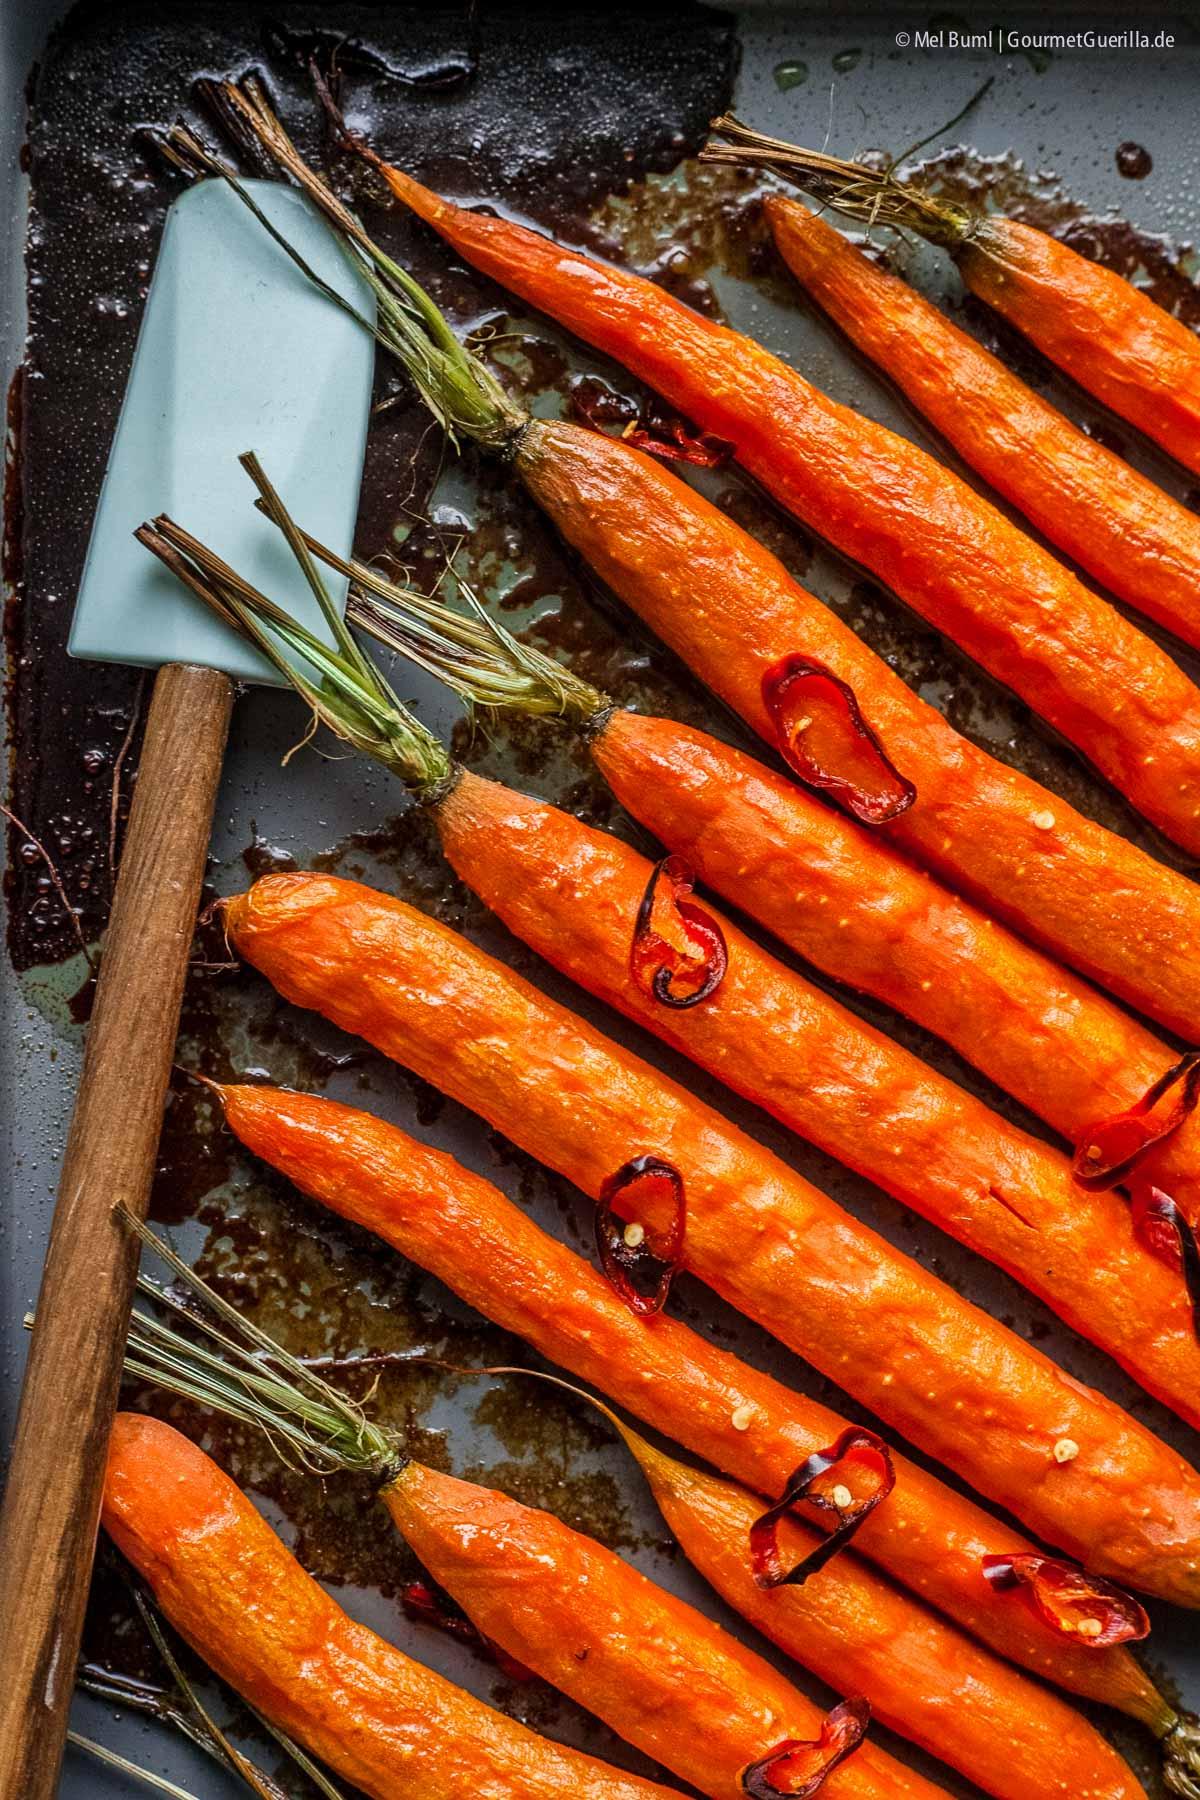 Karamell-Möhren aus dem Ofen mit Tahini und Granatapfel |GourmetGuerilla.de